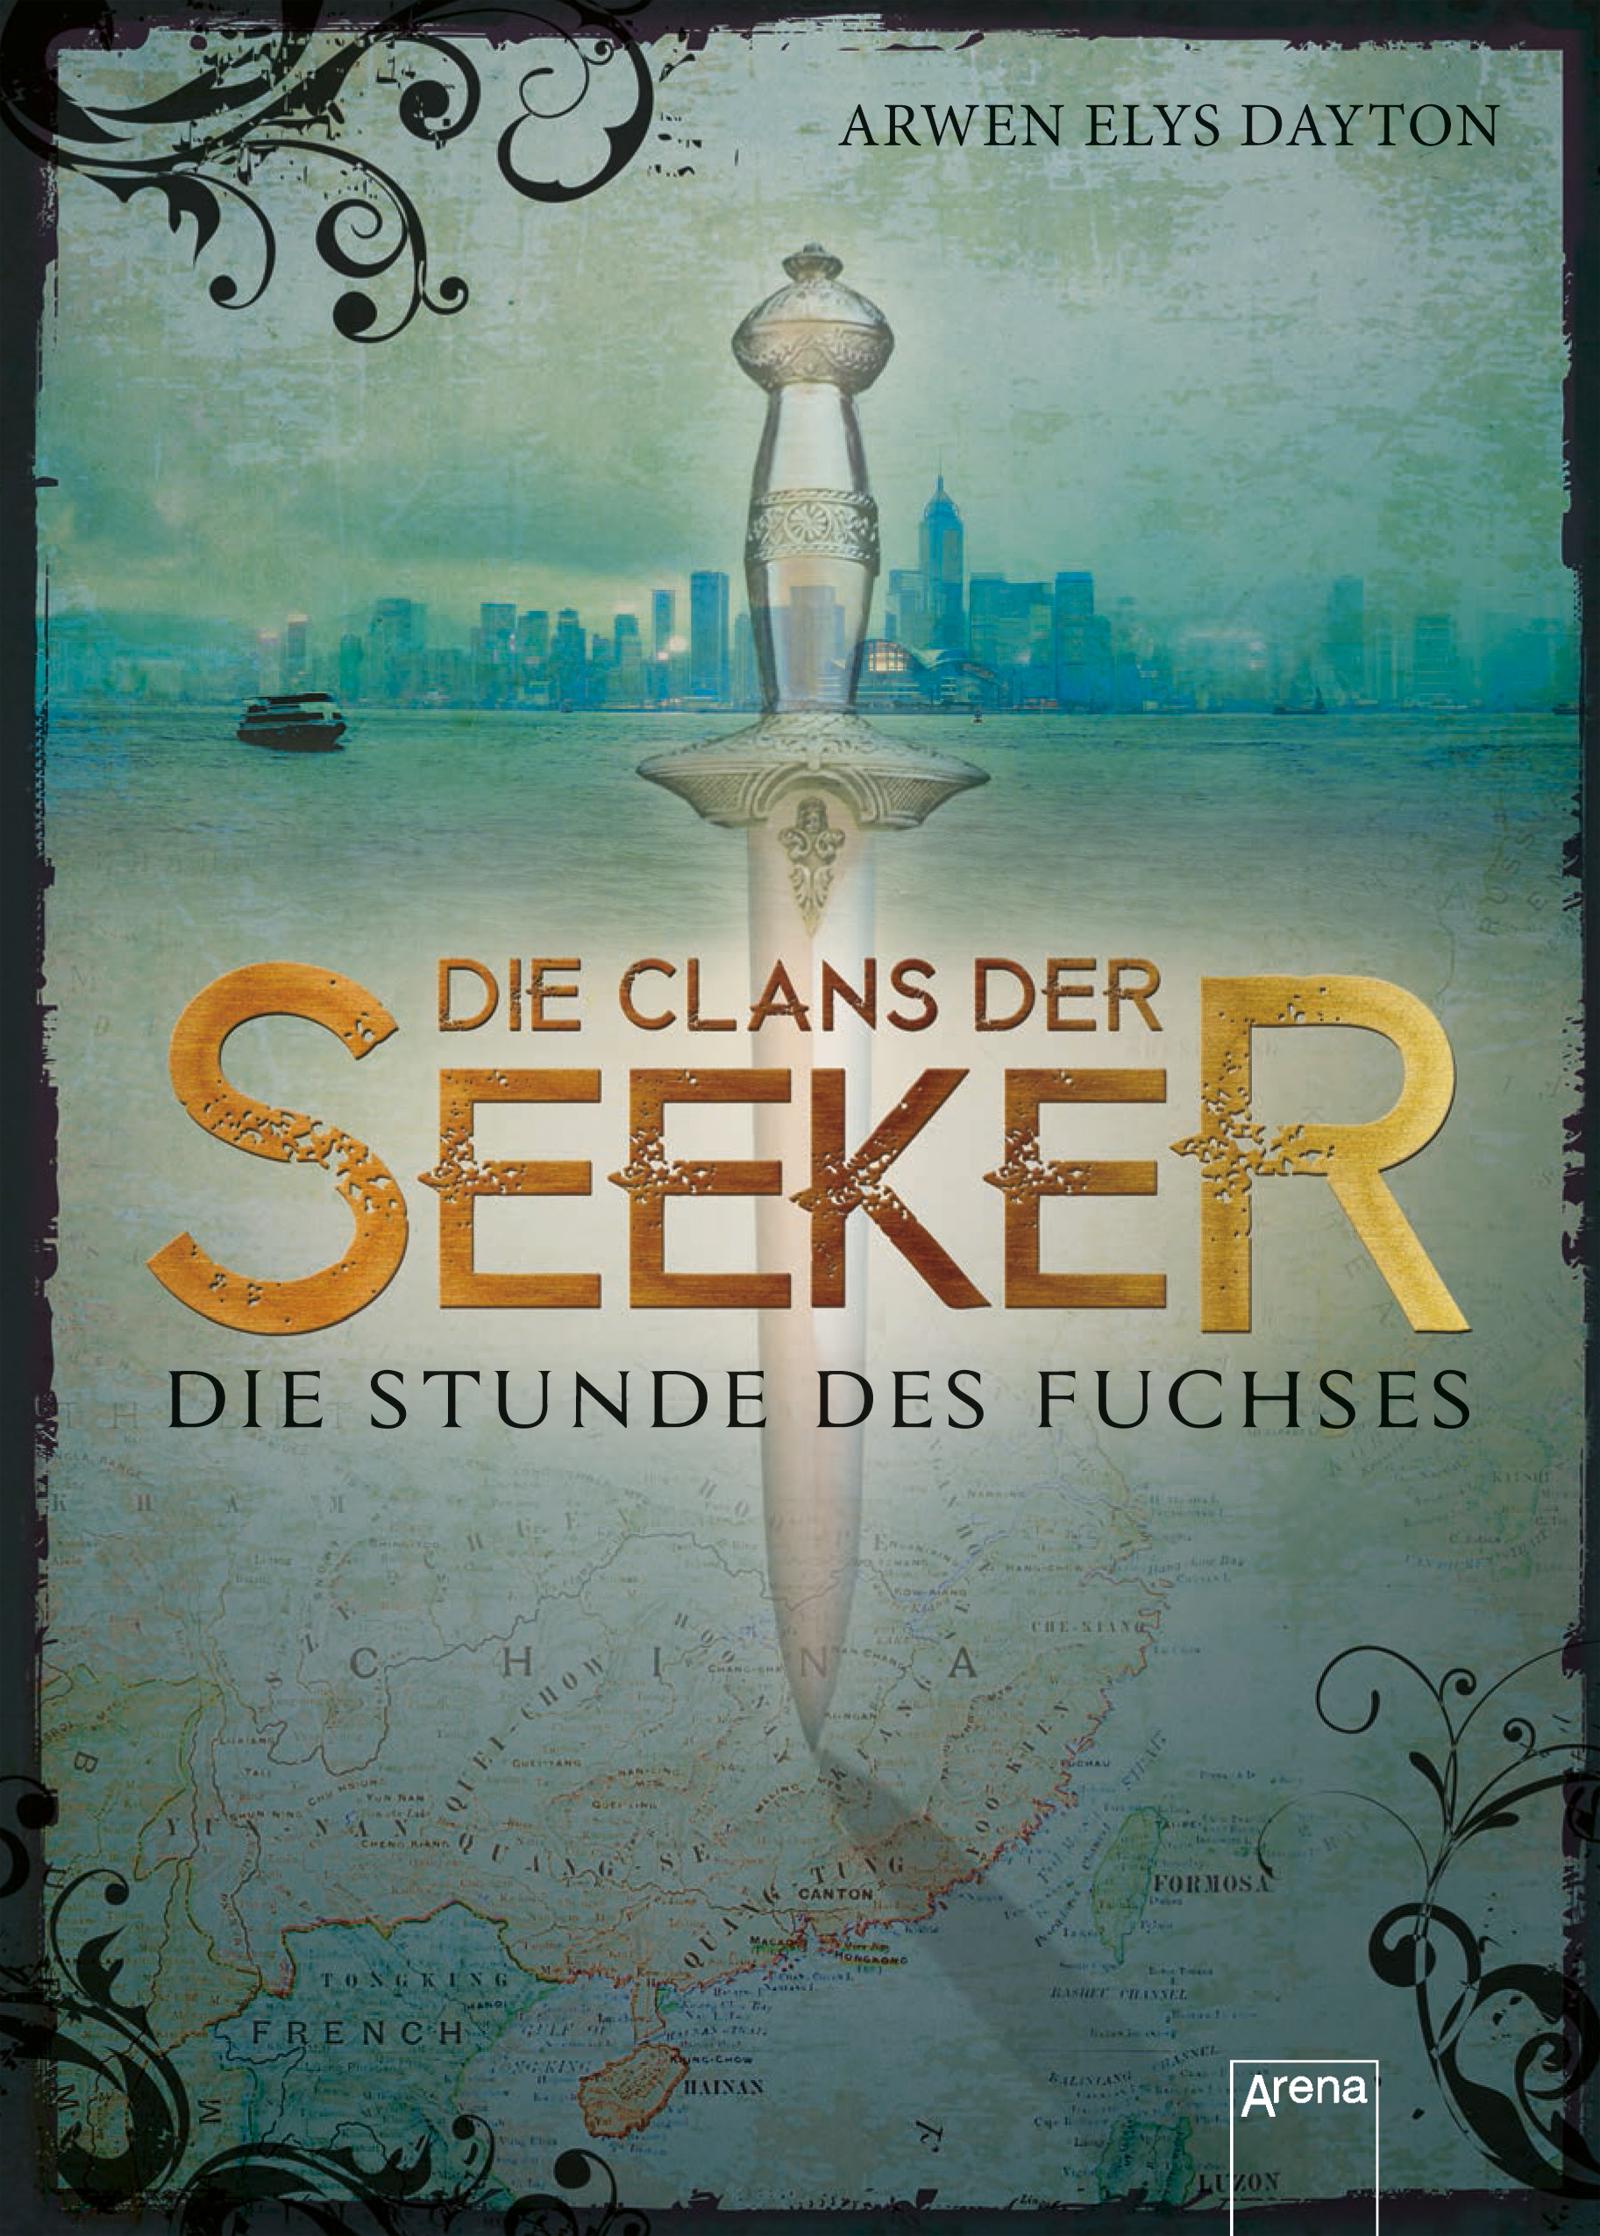 Die Clans der Seeker: Band 1 - Die Stunde des Fuchses - Arwen Elys Dayton